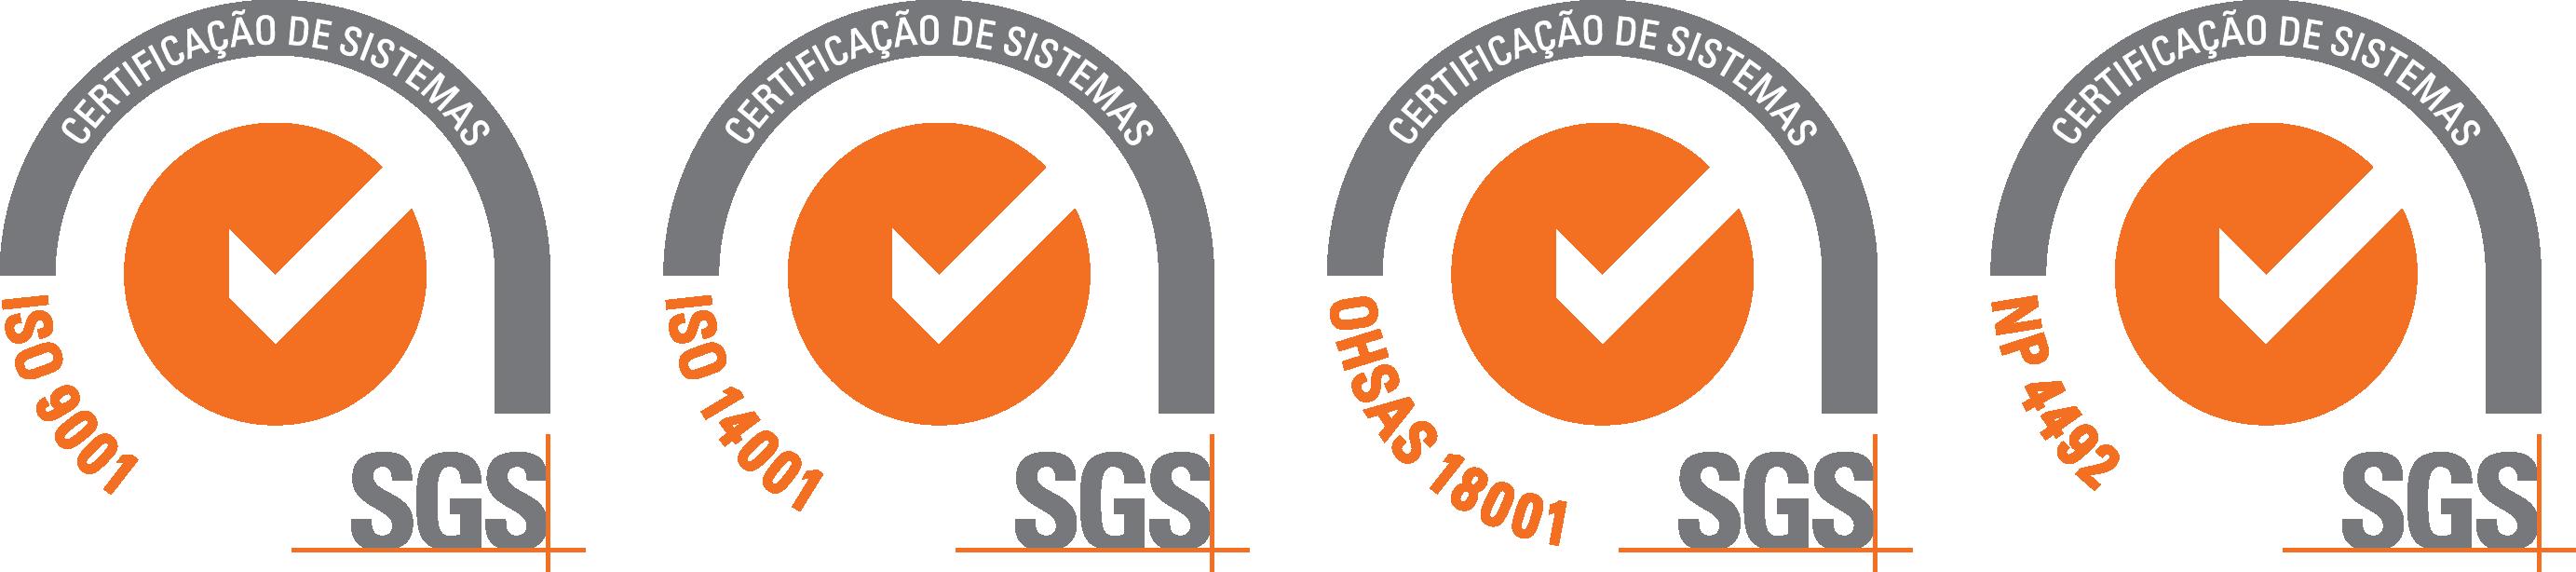 ATM - Selos Certificação SGS